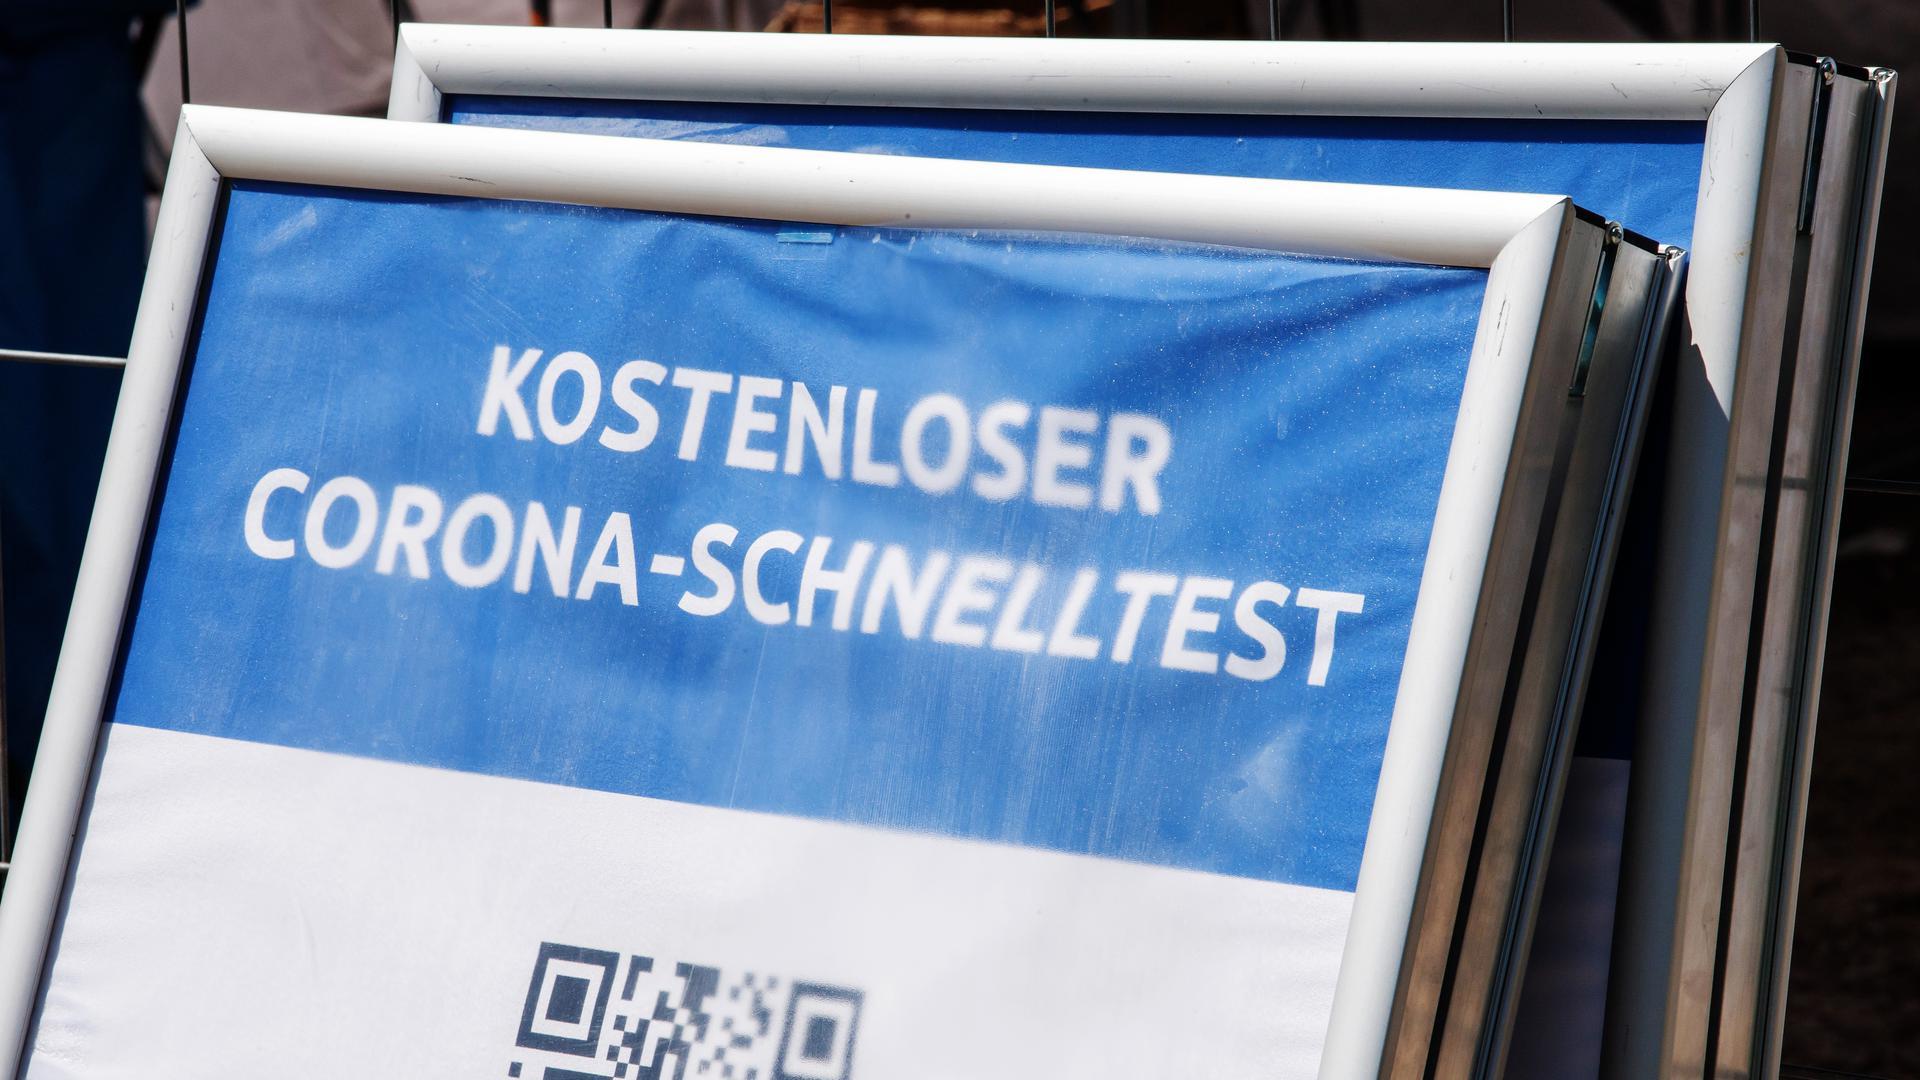 Getestet ist schnell: So mancher Betreiber mag das Geschäft mit den Corona-Schnelltests für sich entdeckt haben, um sich zu bereichern. Bis zu 18 Euro erhalten diese vom Staat pro ausgeführtem Test.